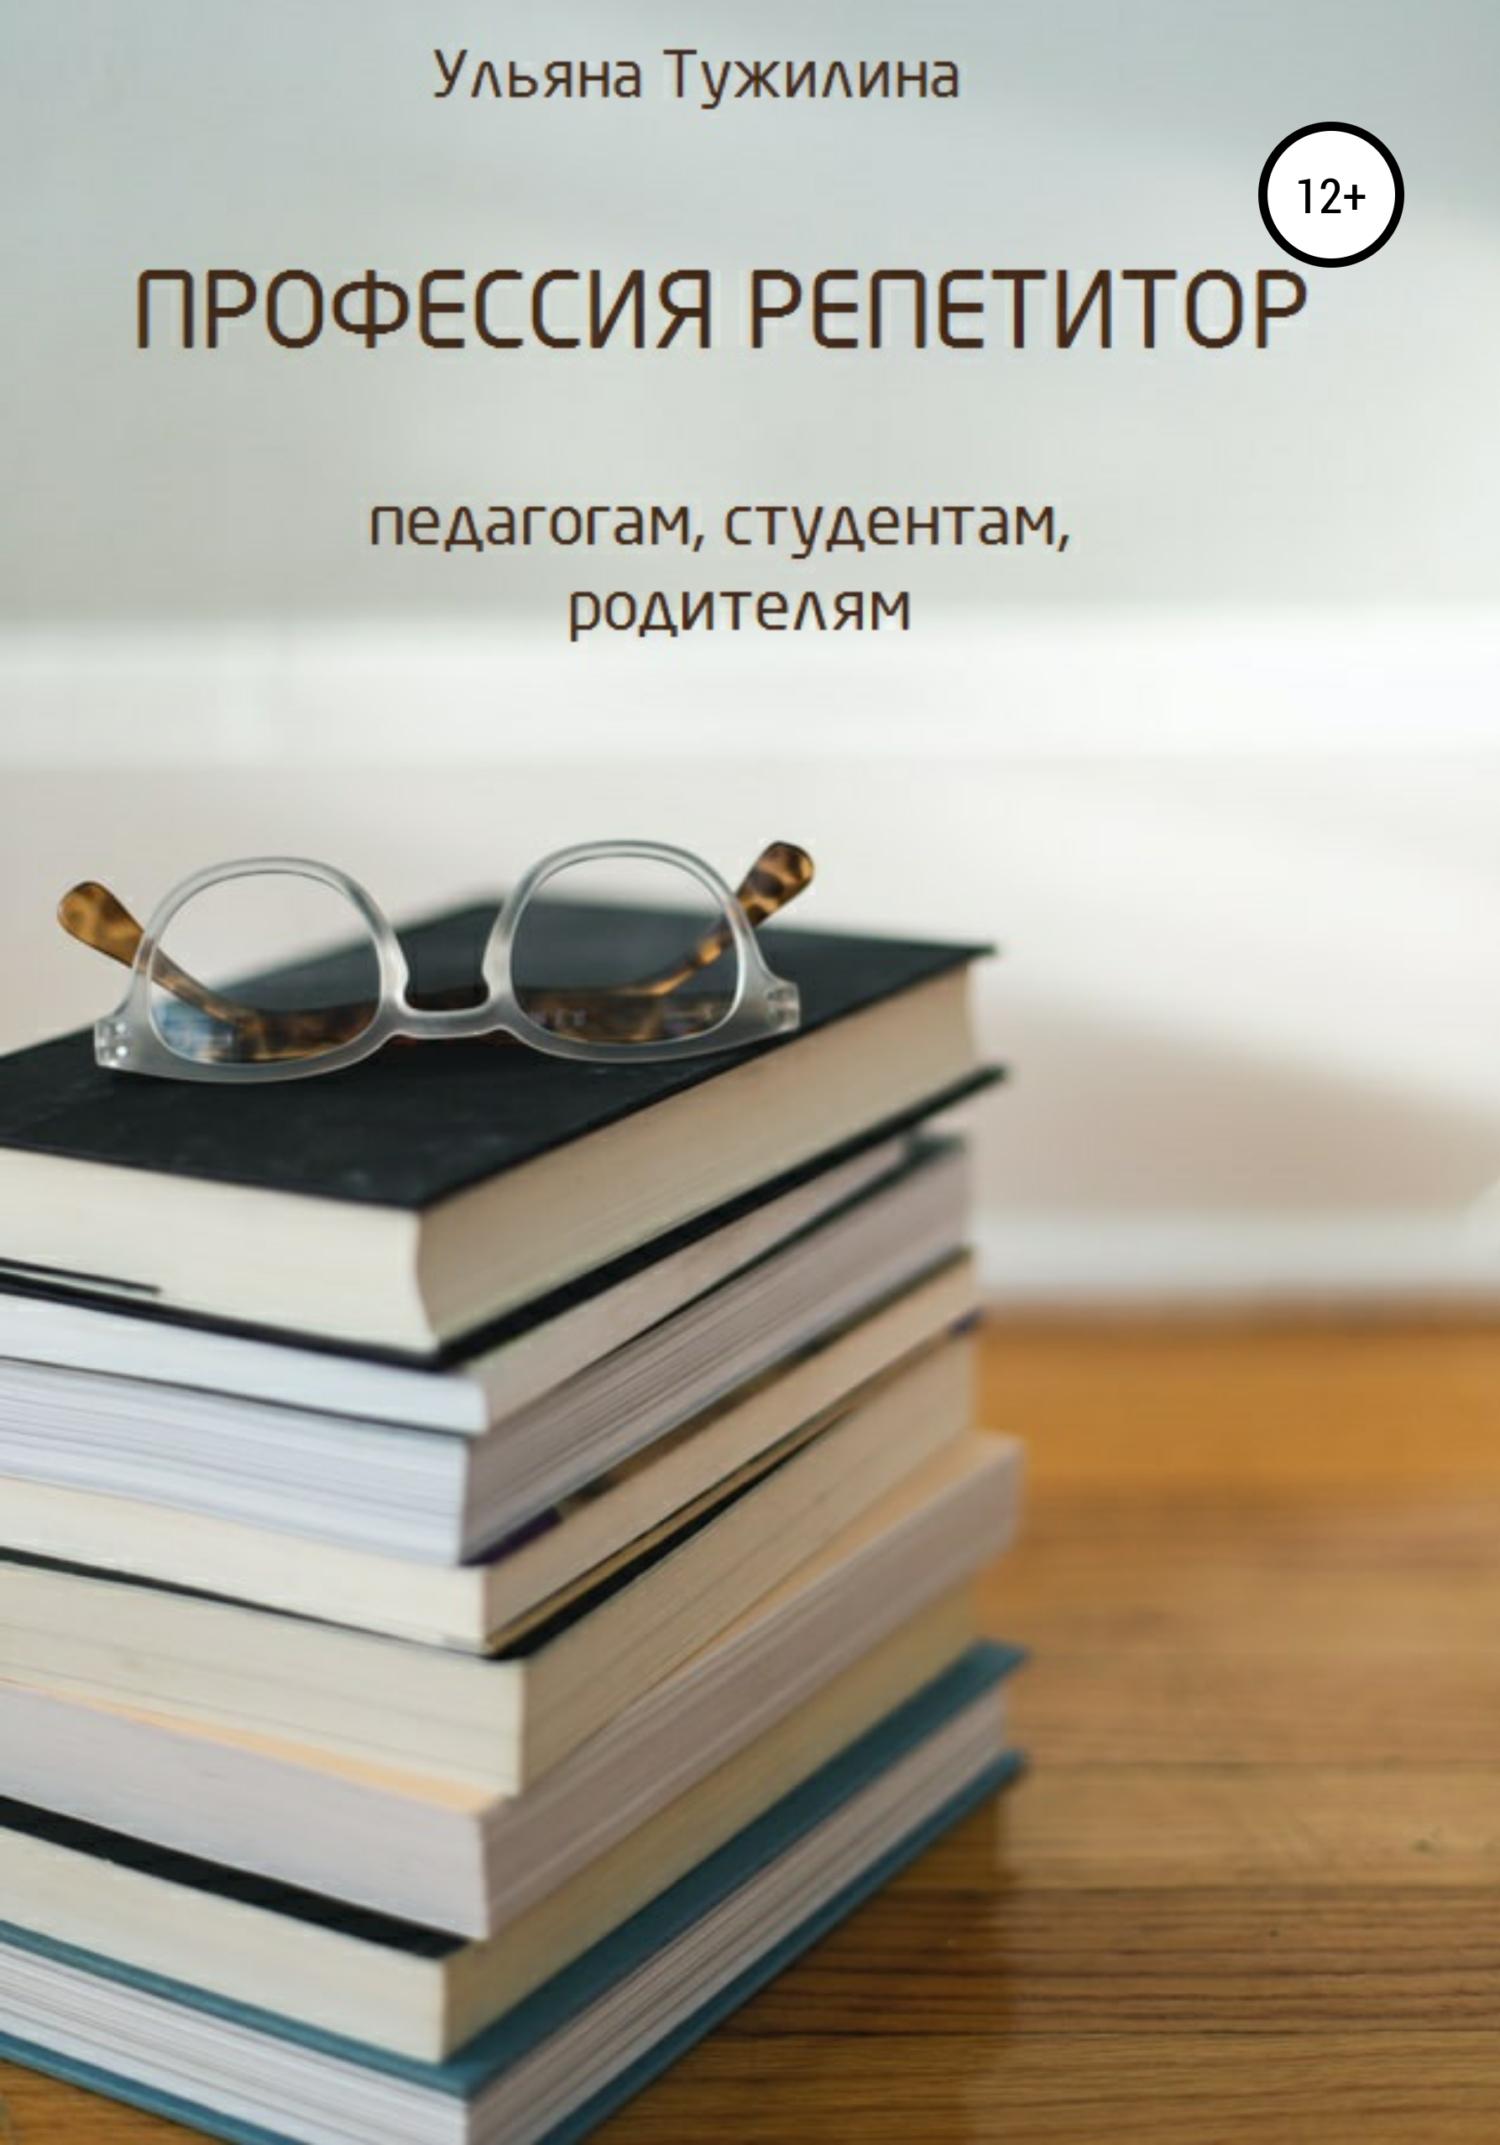 Ульяна Сергеевна Тужилина Профессия репетитор: студентам, педагогам, родителям